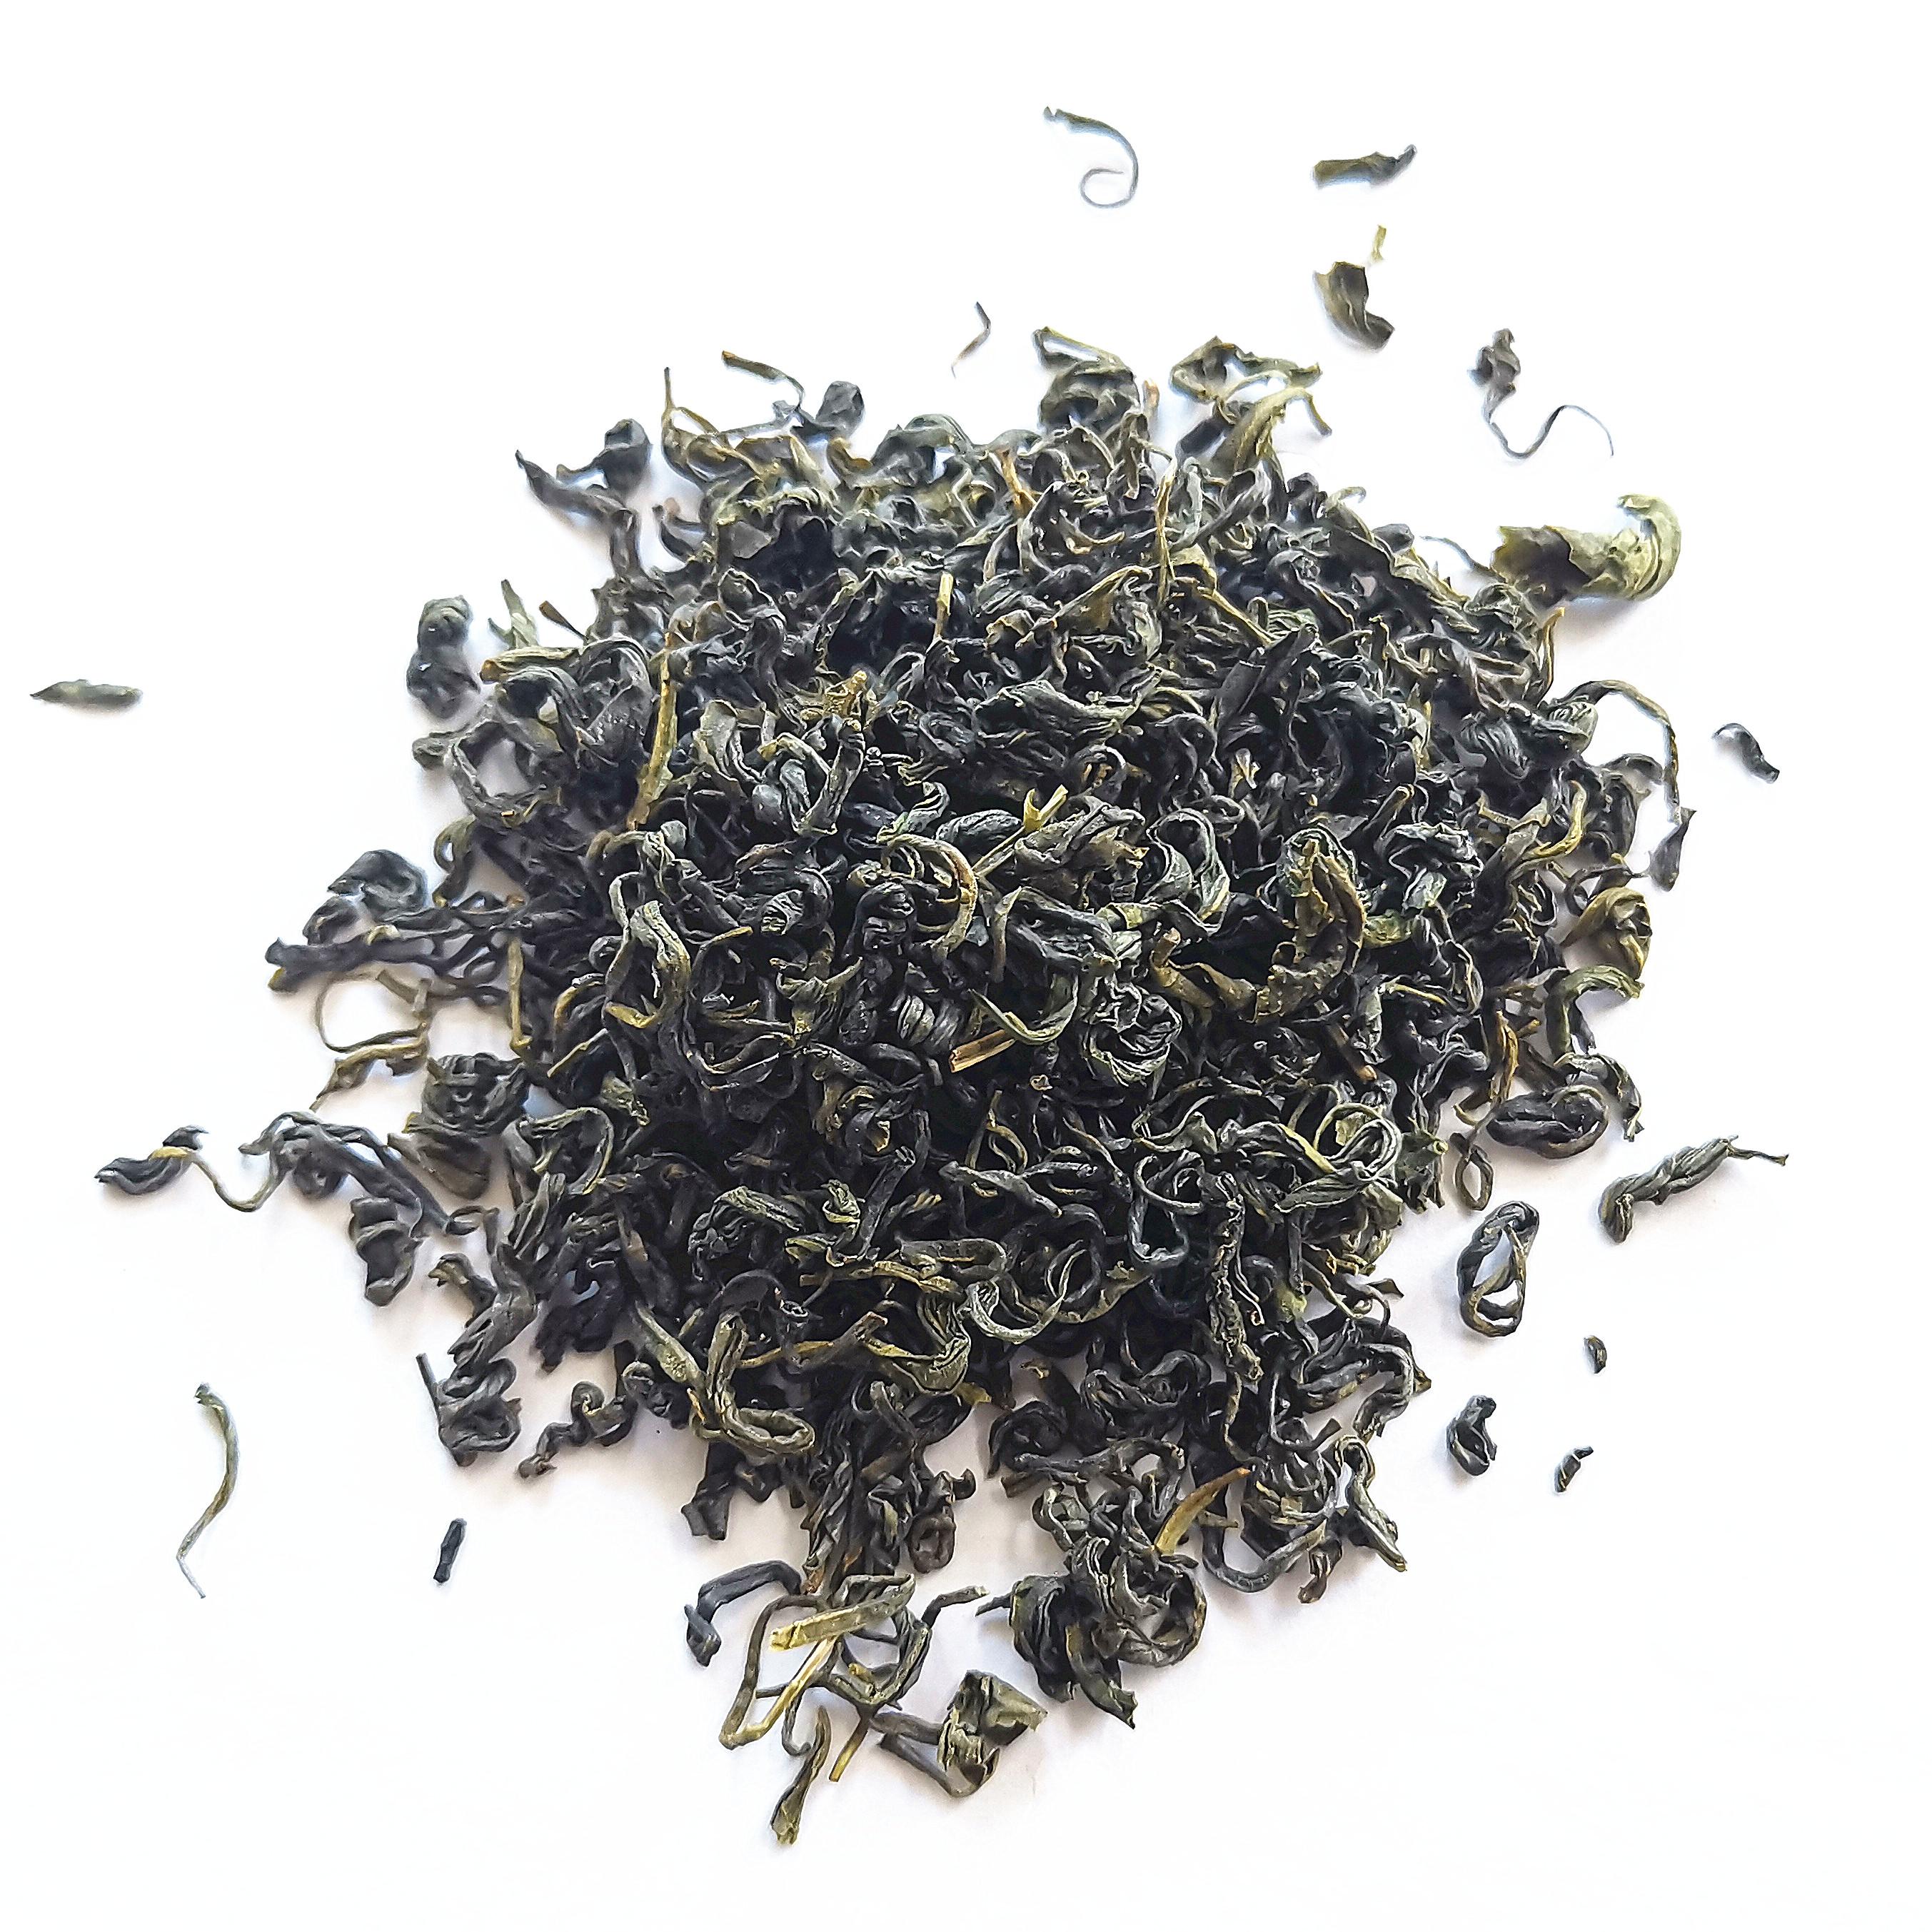 Tea shop detox tea private label fancy tea green - 4uTea | 4uTea.com